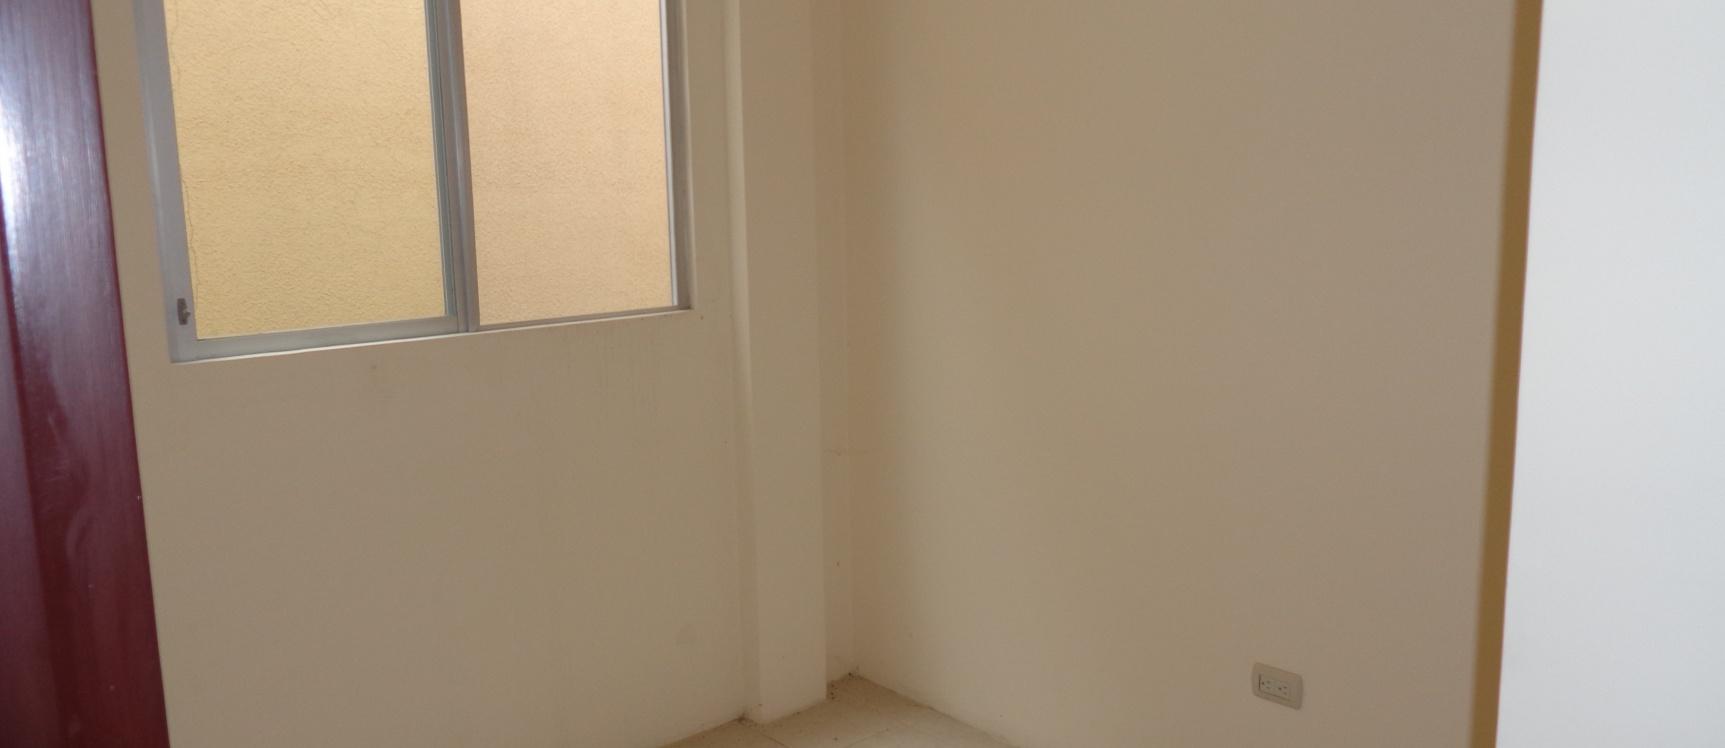 GeoBienes - Casa en Venta en  SamboCity Samborondón. De oportunidad. - Plusvalia Guayaquil Casas de venta y alquiler Inmobiliaria Ecuador